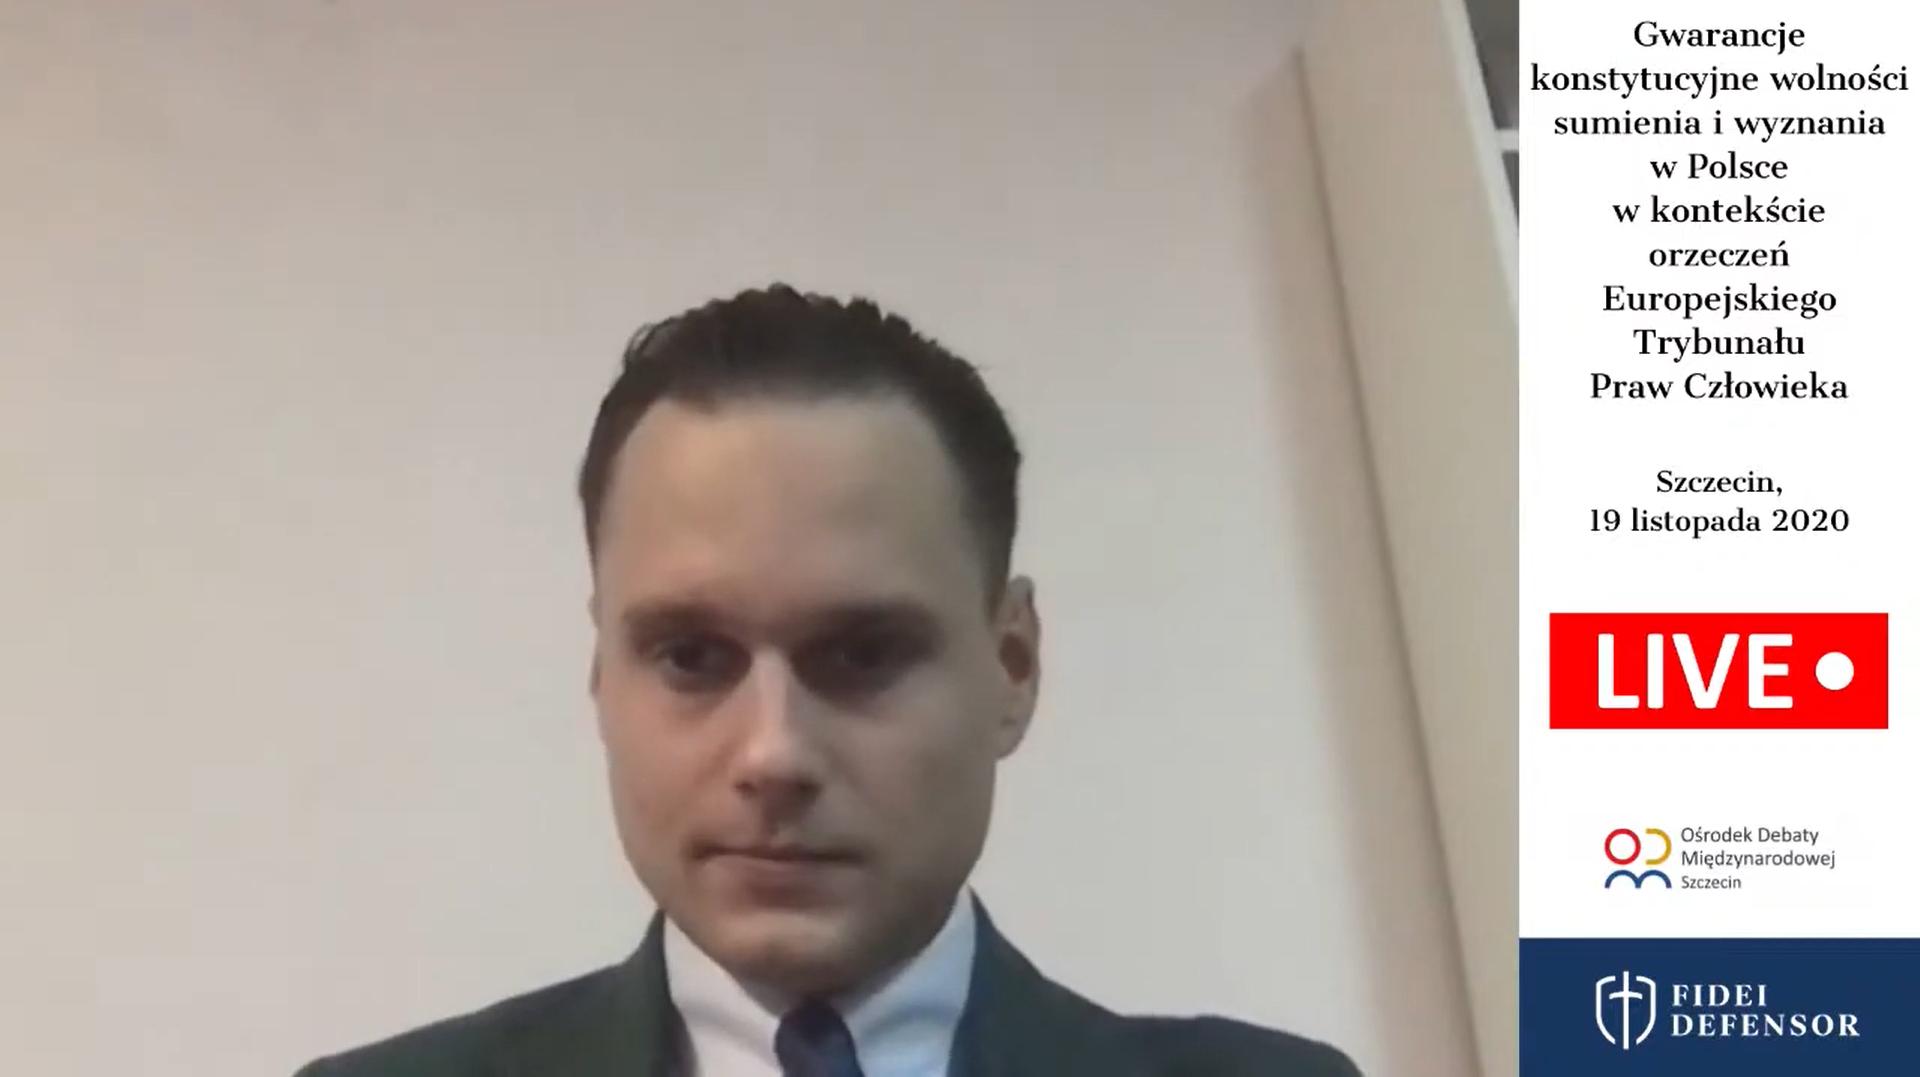 Gwarancje konstytucyjne wolności sumienia i wyznania w Polsce w kontekście orzeczeń Europejskiego Trybunału Prawa Człowieka